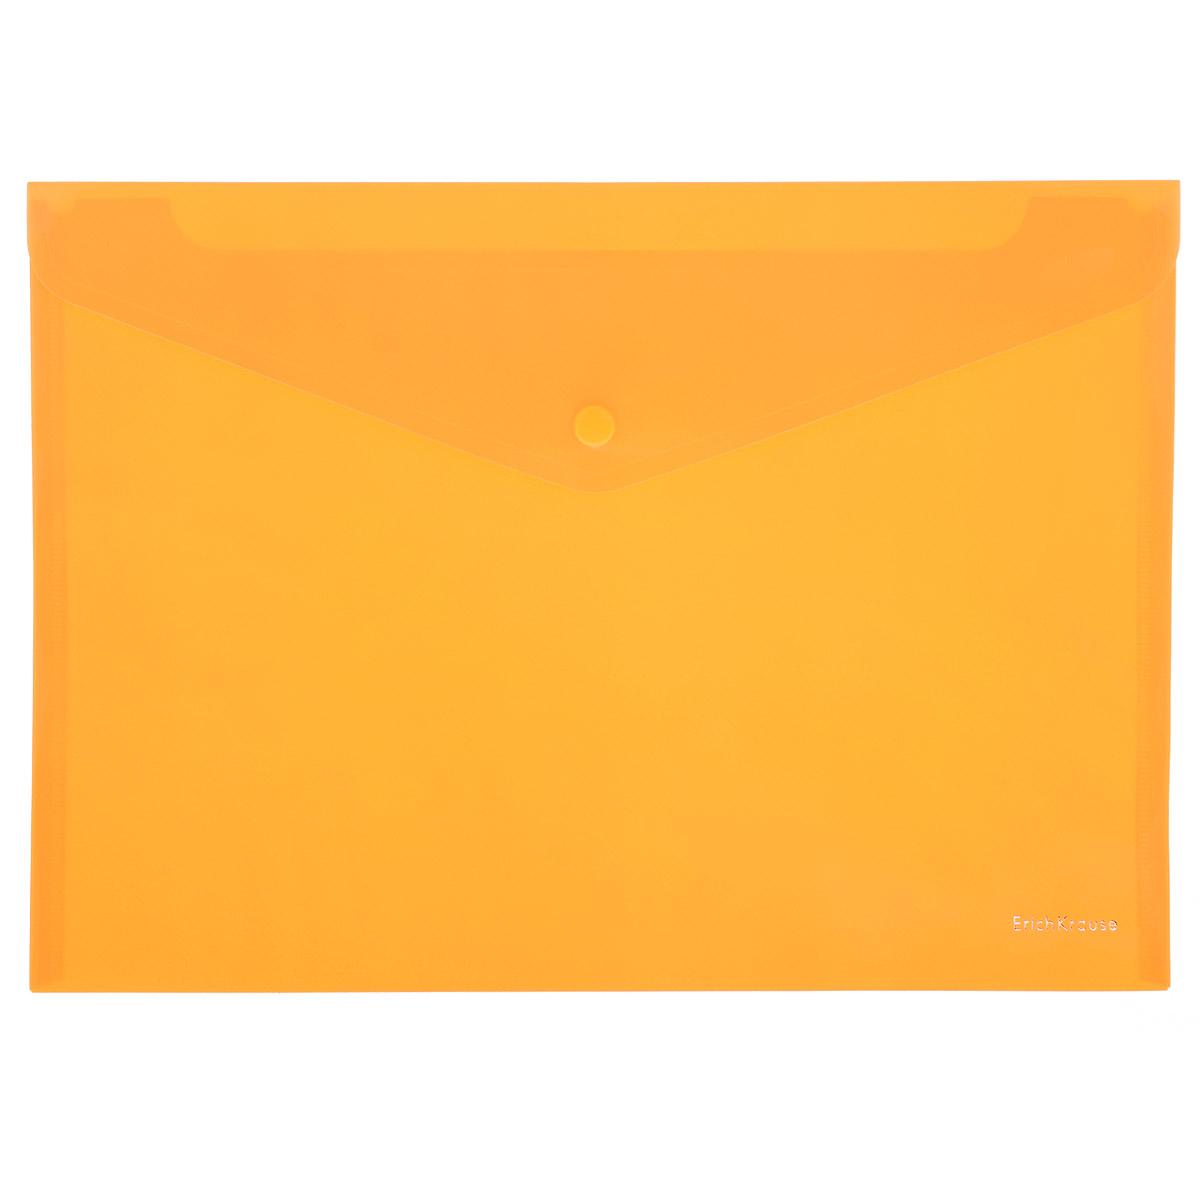 Erich Krause Папка-конверт Envelope Folder цвет оранжевый2010440Папка-конверт на кнопке Erich Krause - удобный и практичный офисный инструмент, предназначенный для хранения и транспортировки рабочих бумаг и документов формата А4.Папка изготовлена из полупрозрачного глянцевого пластика оранжевого цвета с диагональной текстурой, которая надолго сохраняет папку аккуратной и увеличивает срок ее службы. Практичная застежка-кнопка удобна для частого использования и обеспечивает быстрый доступ к документам. С такой папкой ваши документы всегда будут в полном порядке!